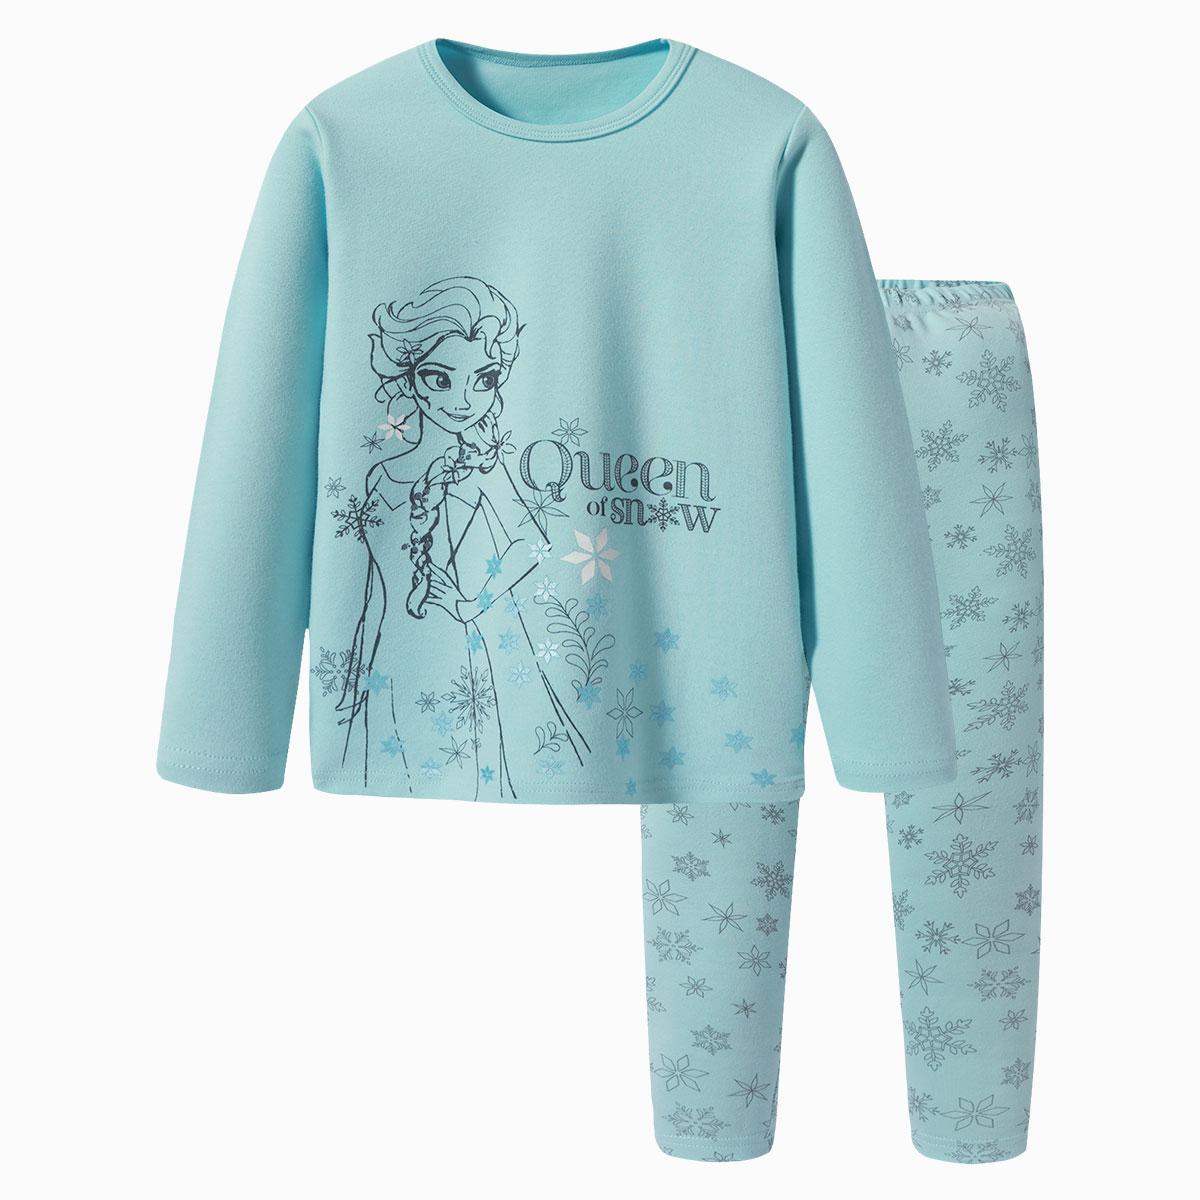 迪士尼【保暖舒适】迪士尼女童睡衣保暖内衣 2019新品2D116D0WV408